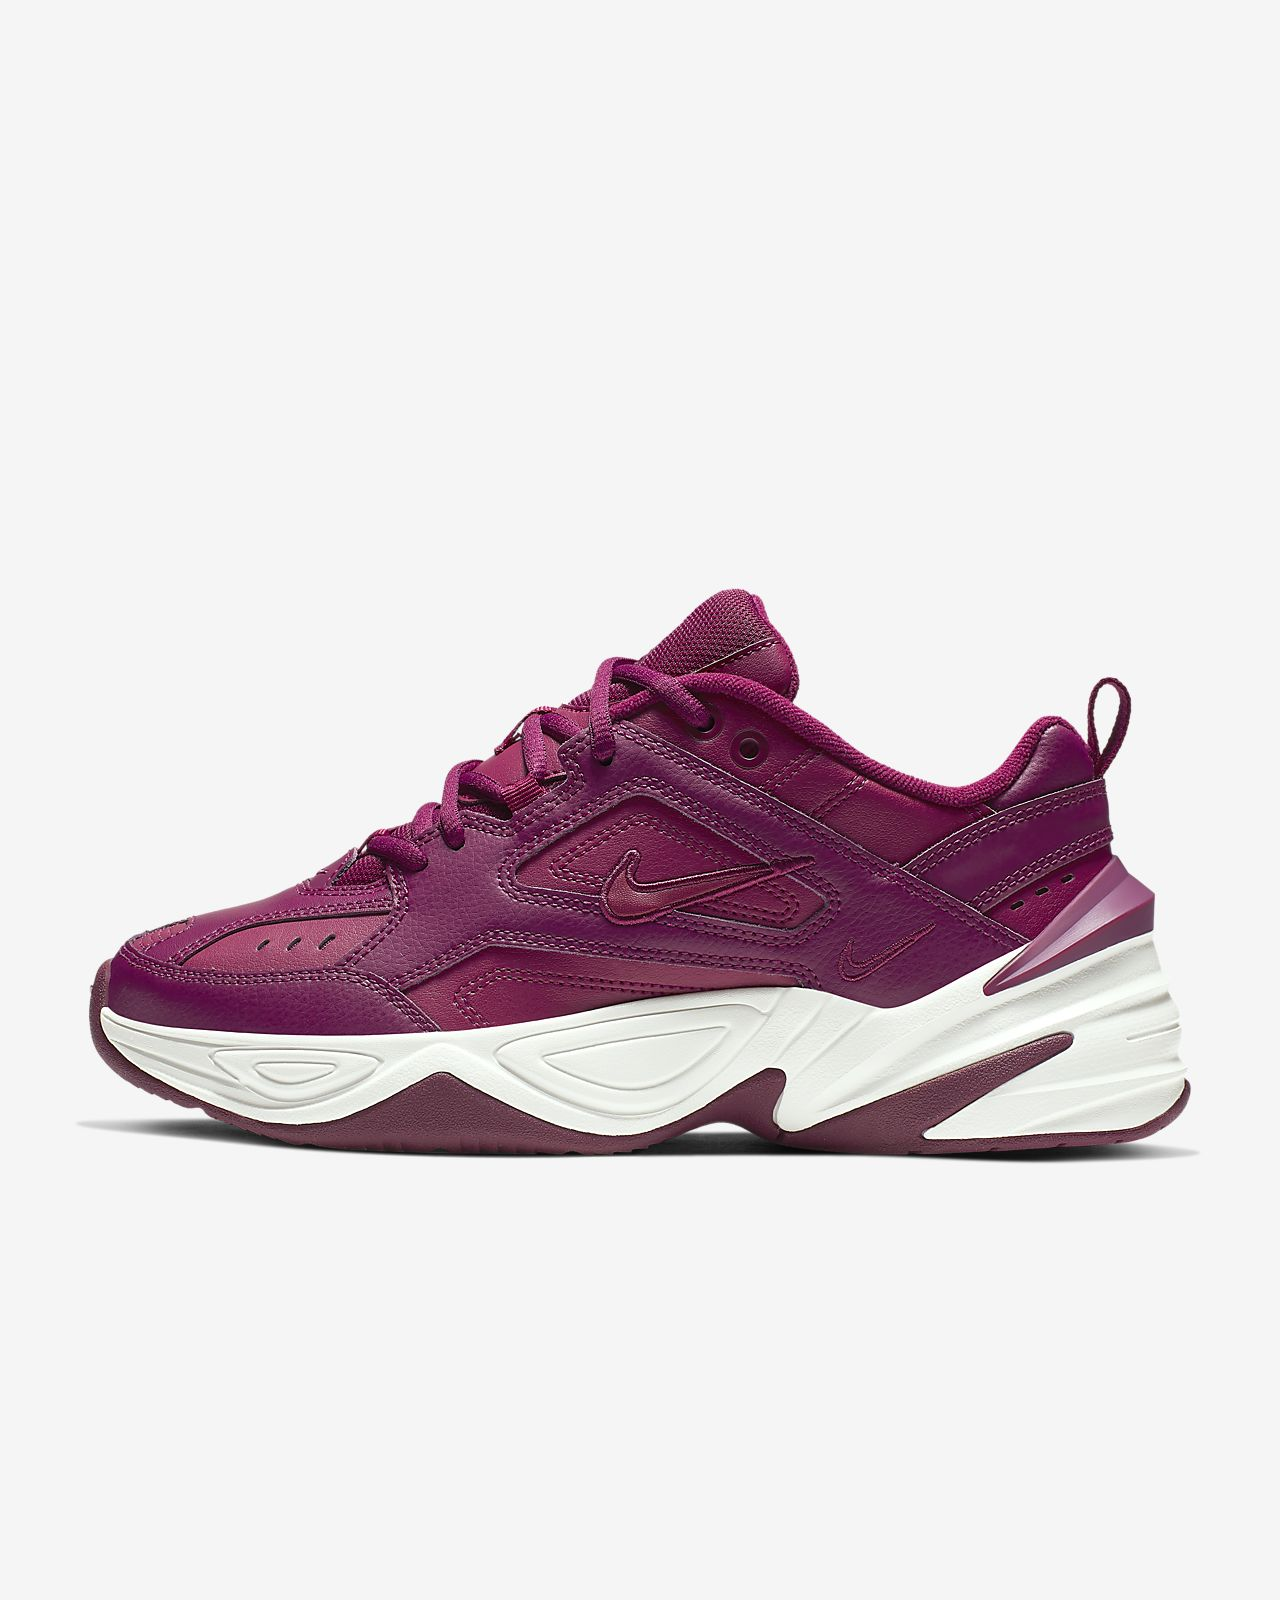 lower price with 3e9d7 edb51 Low Resolution Nike M2K Tekno Shoe Nike M2K Tekno Shoe